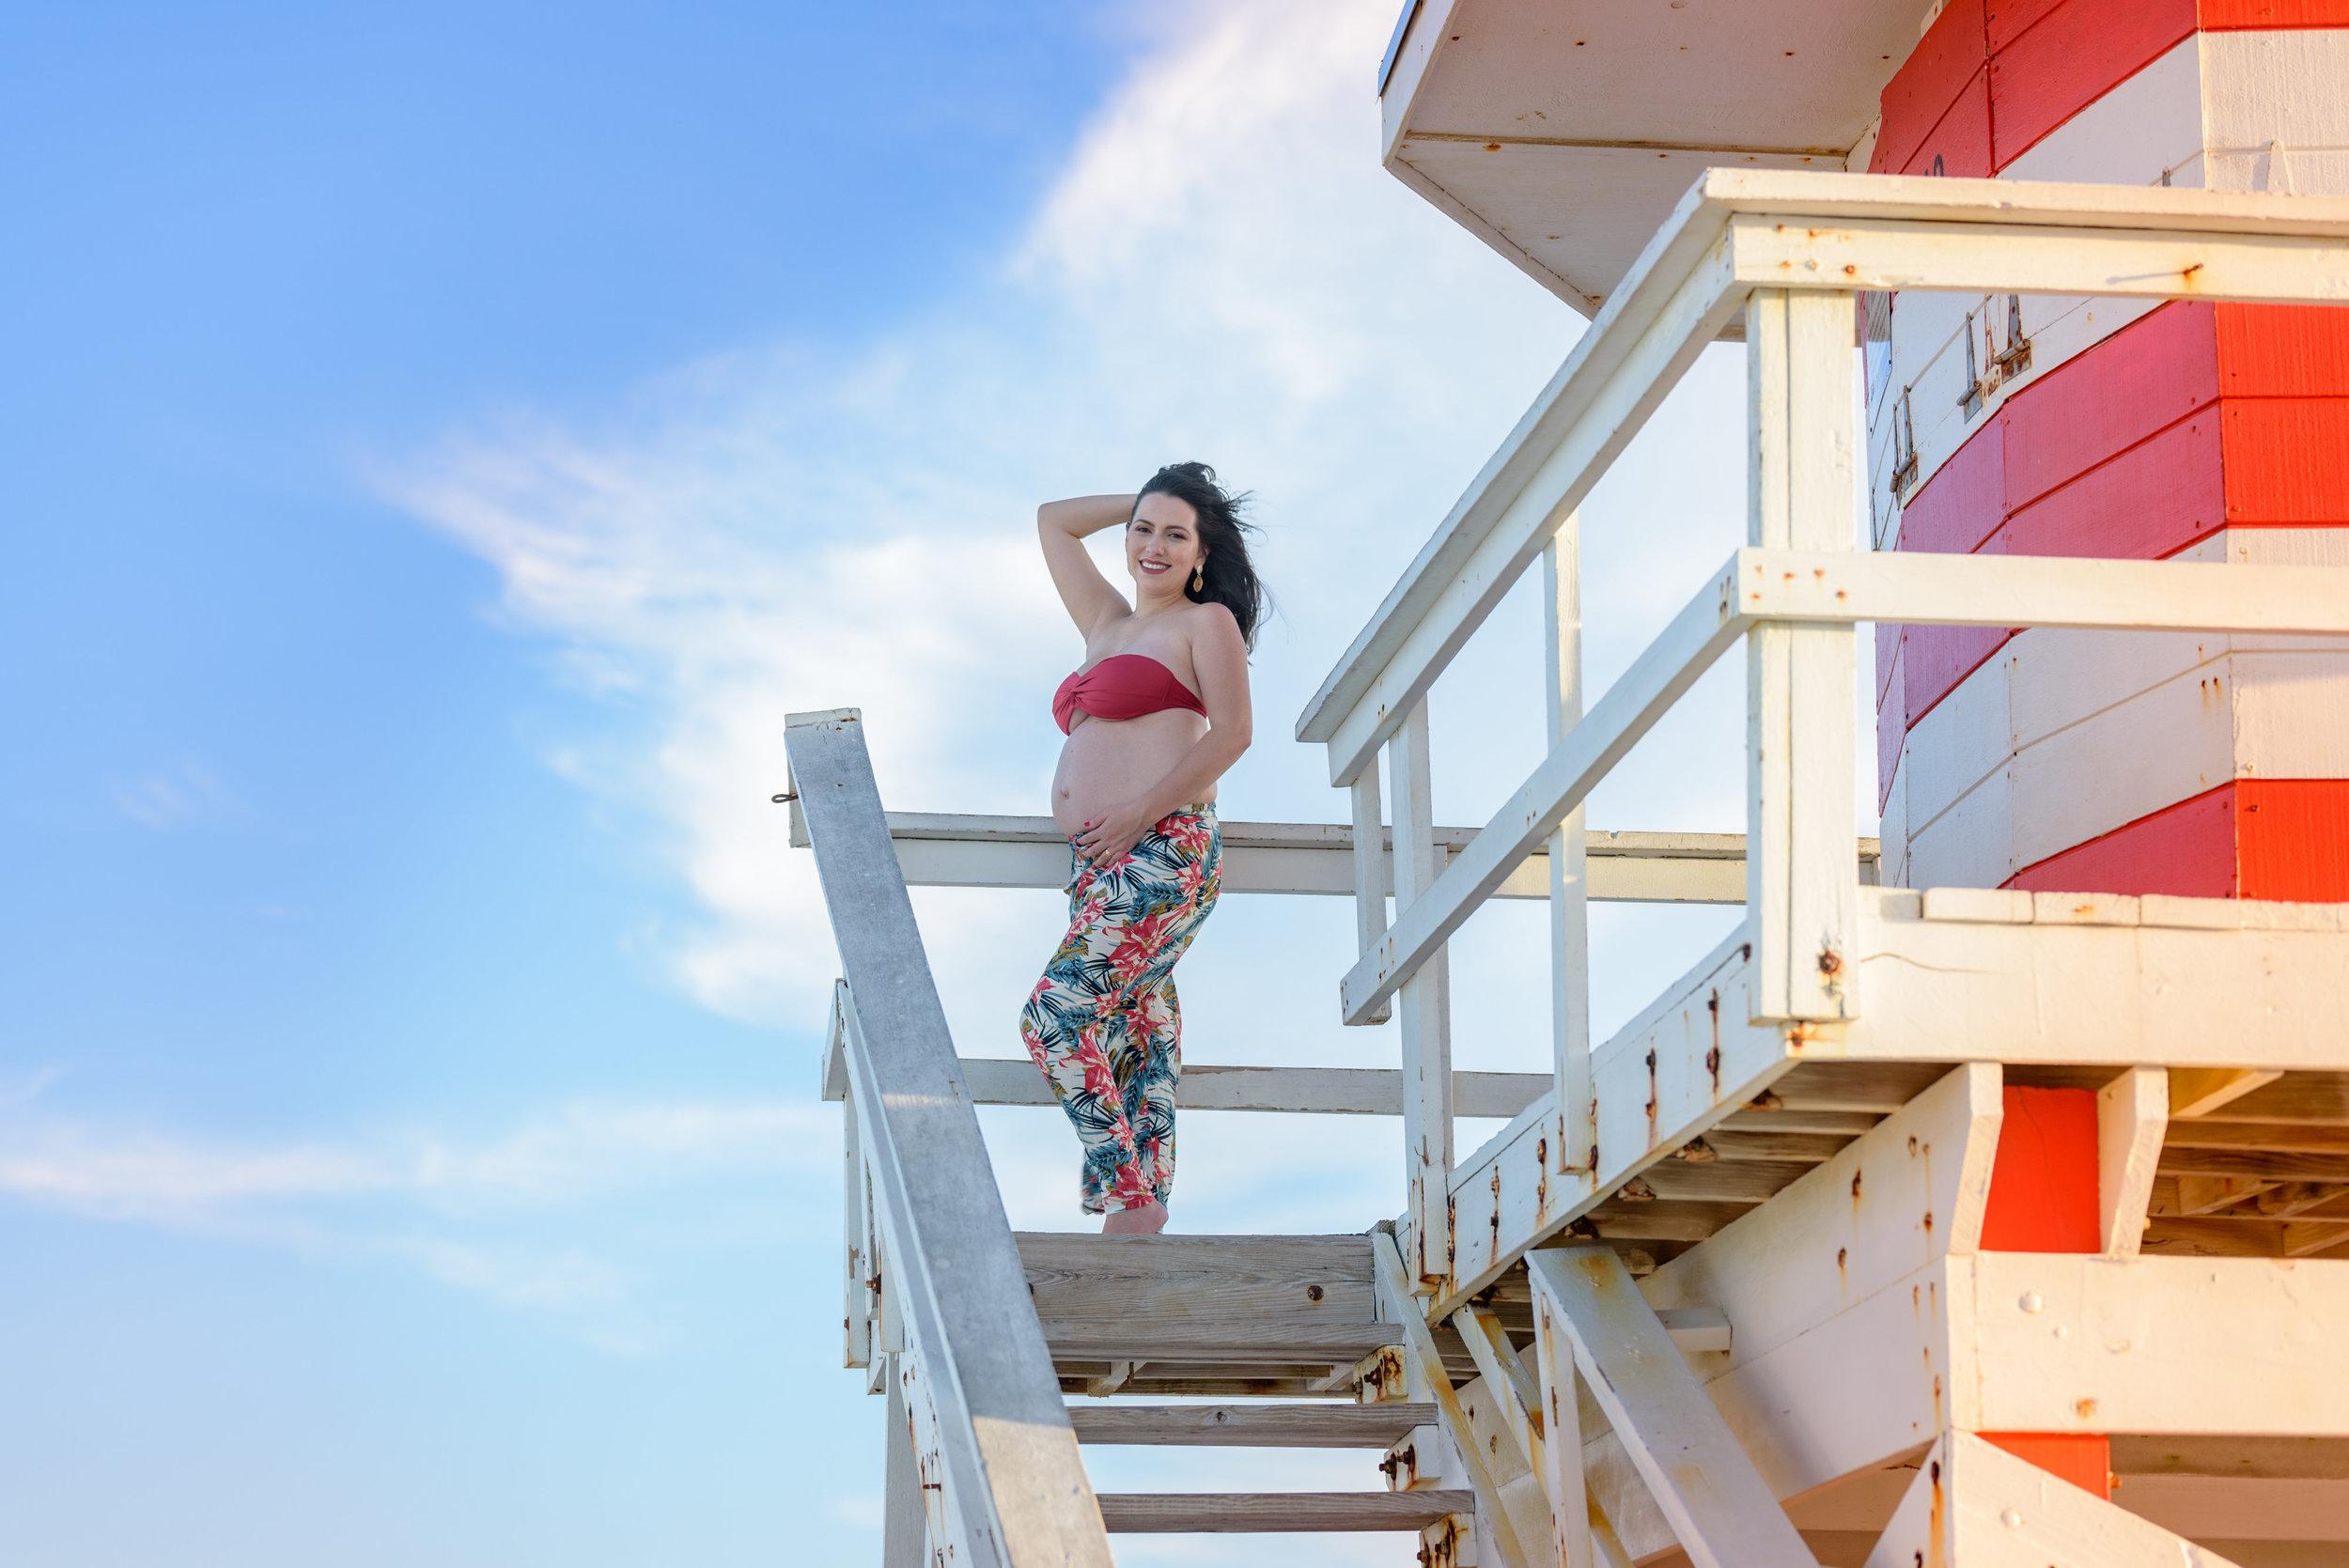 Veronica Riolo Miami Bethania-Veronica Riolo Miami Bethania-0045.jpg